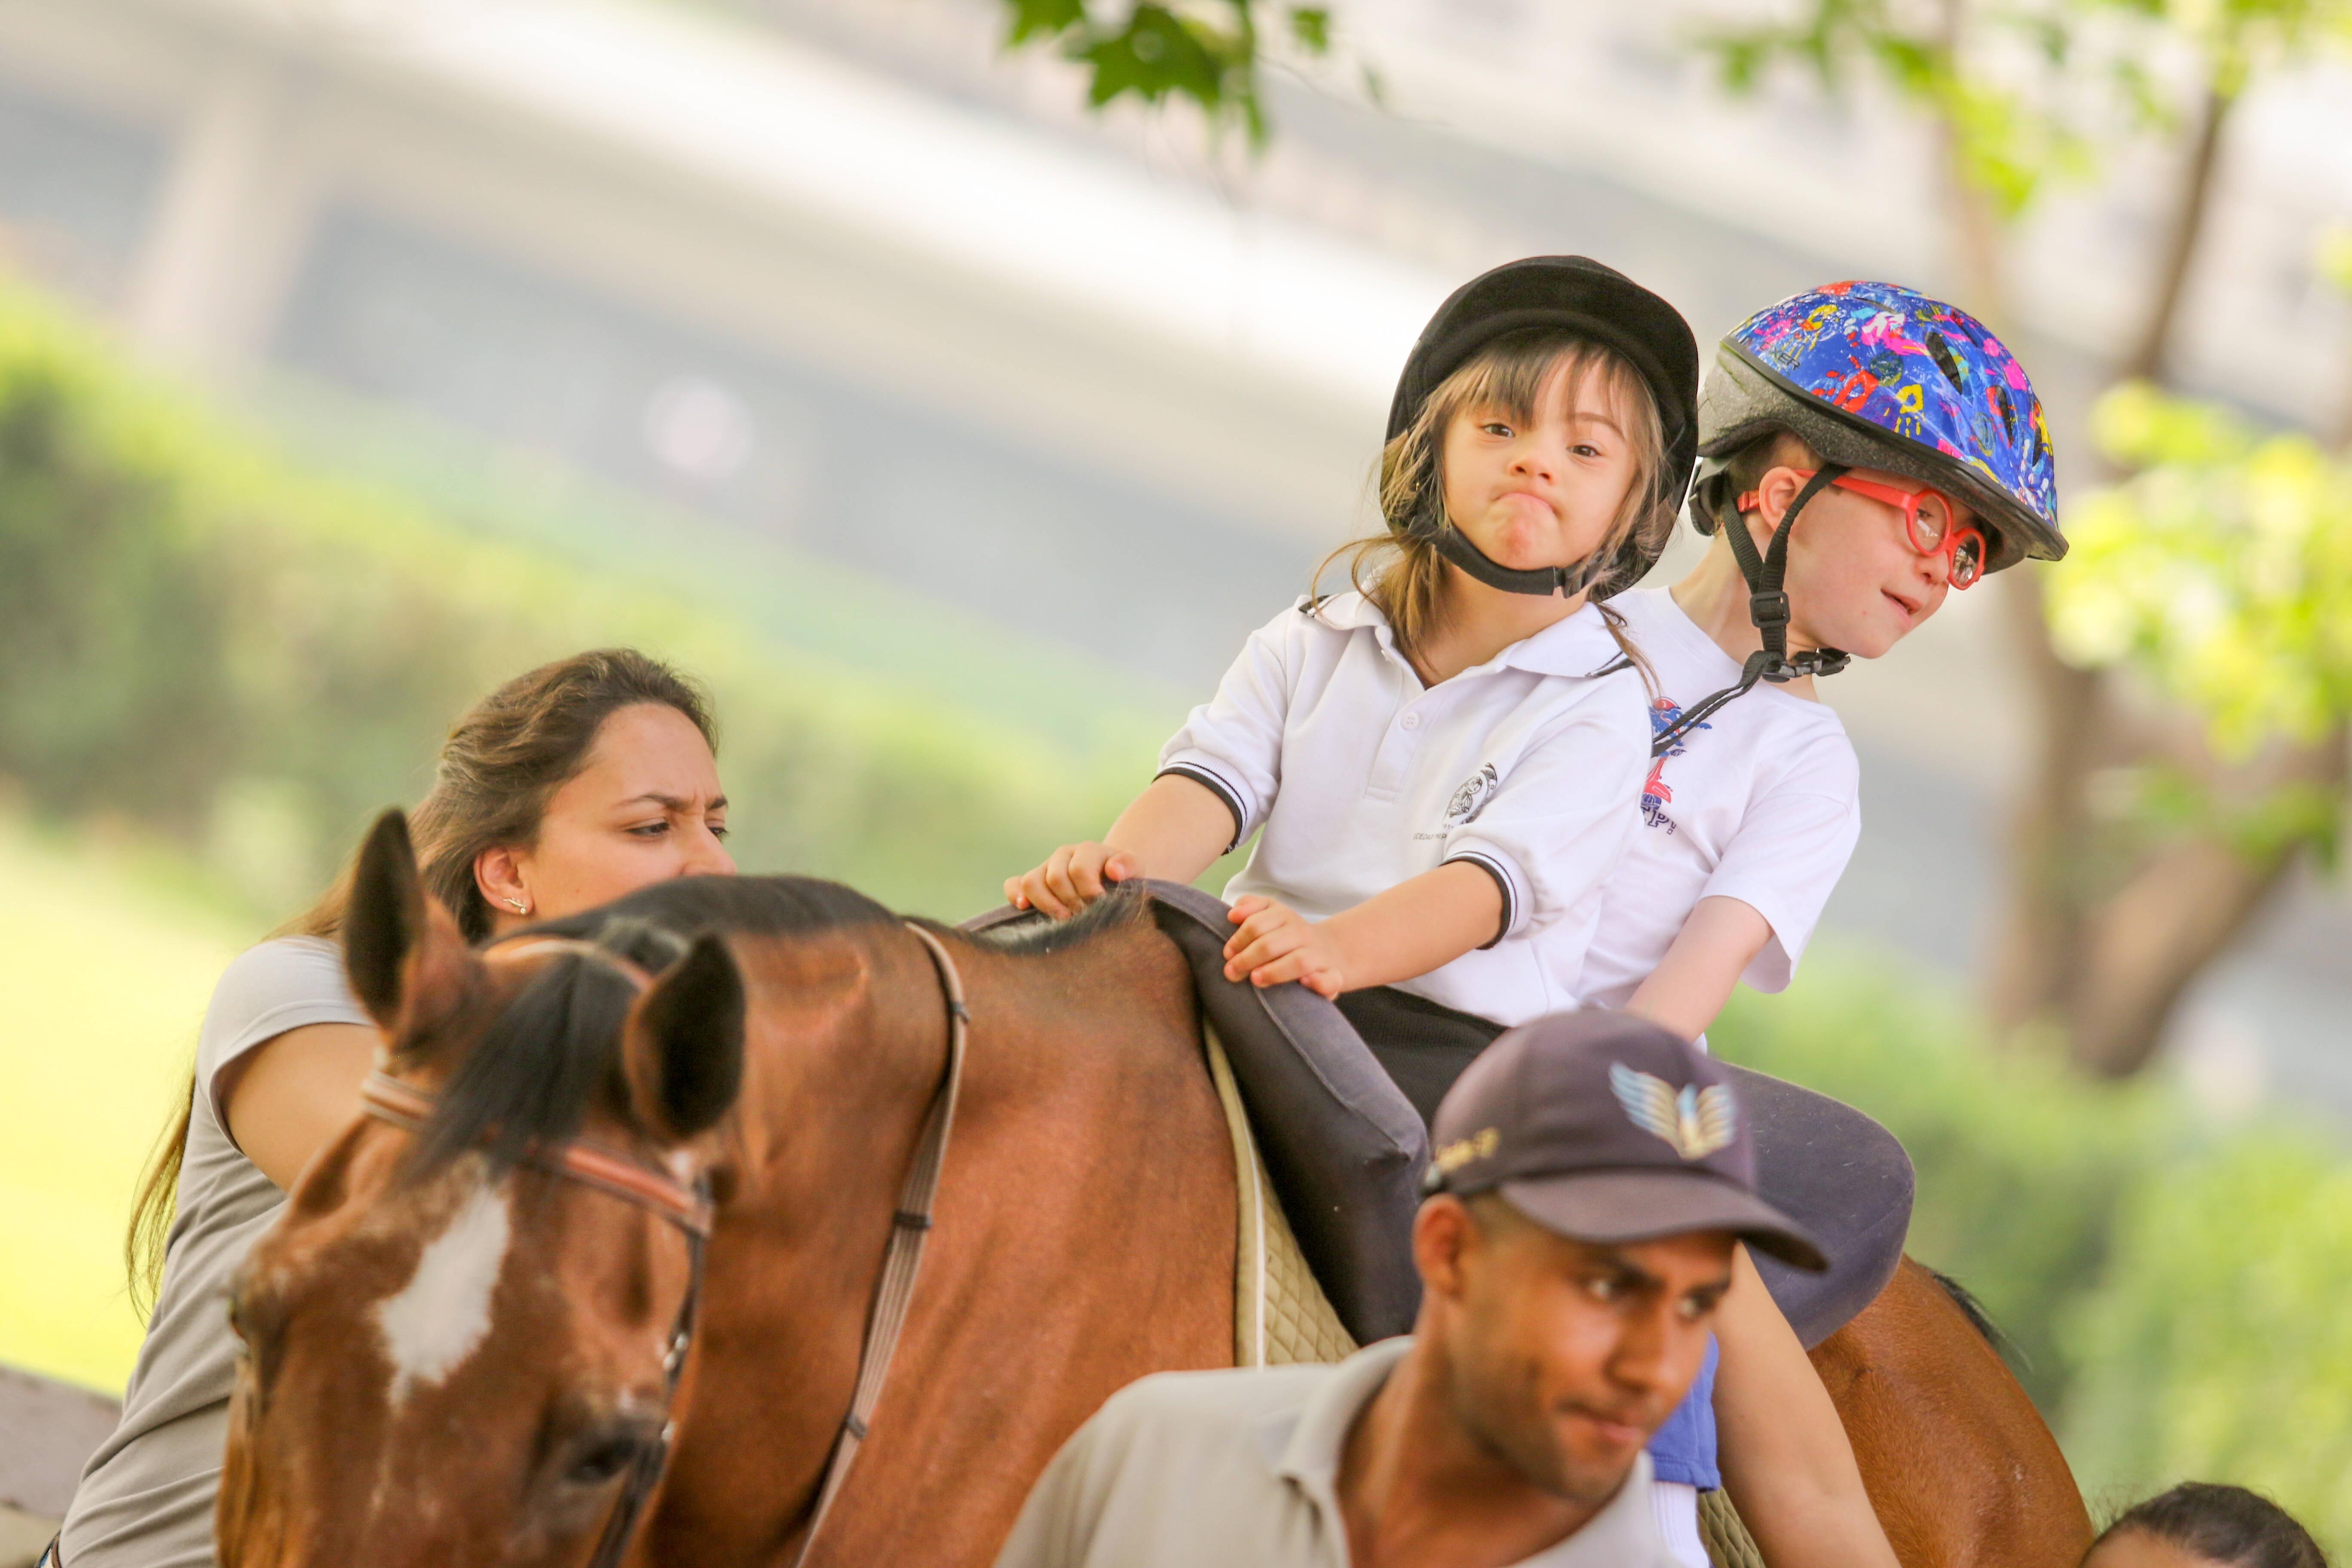 A escola de equitação da Hípica Paulista reabilita crianças e adultos com a equoterapia. Foto: Divulgação/Hípica Paulista